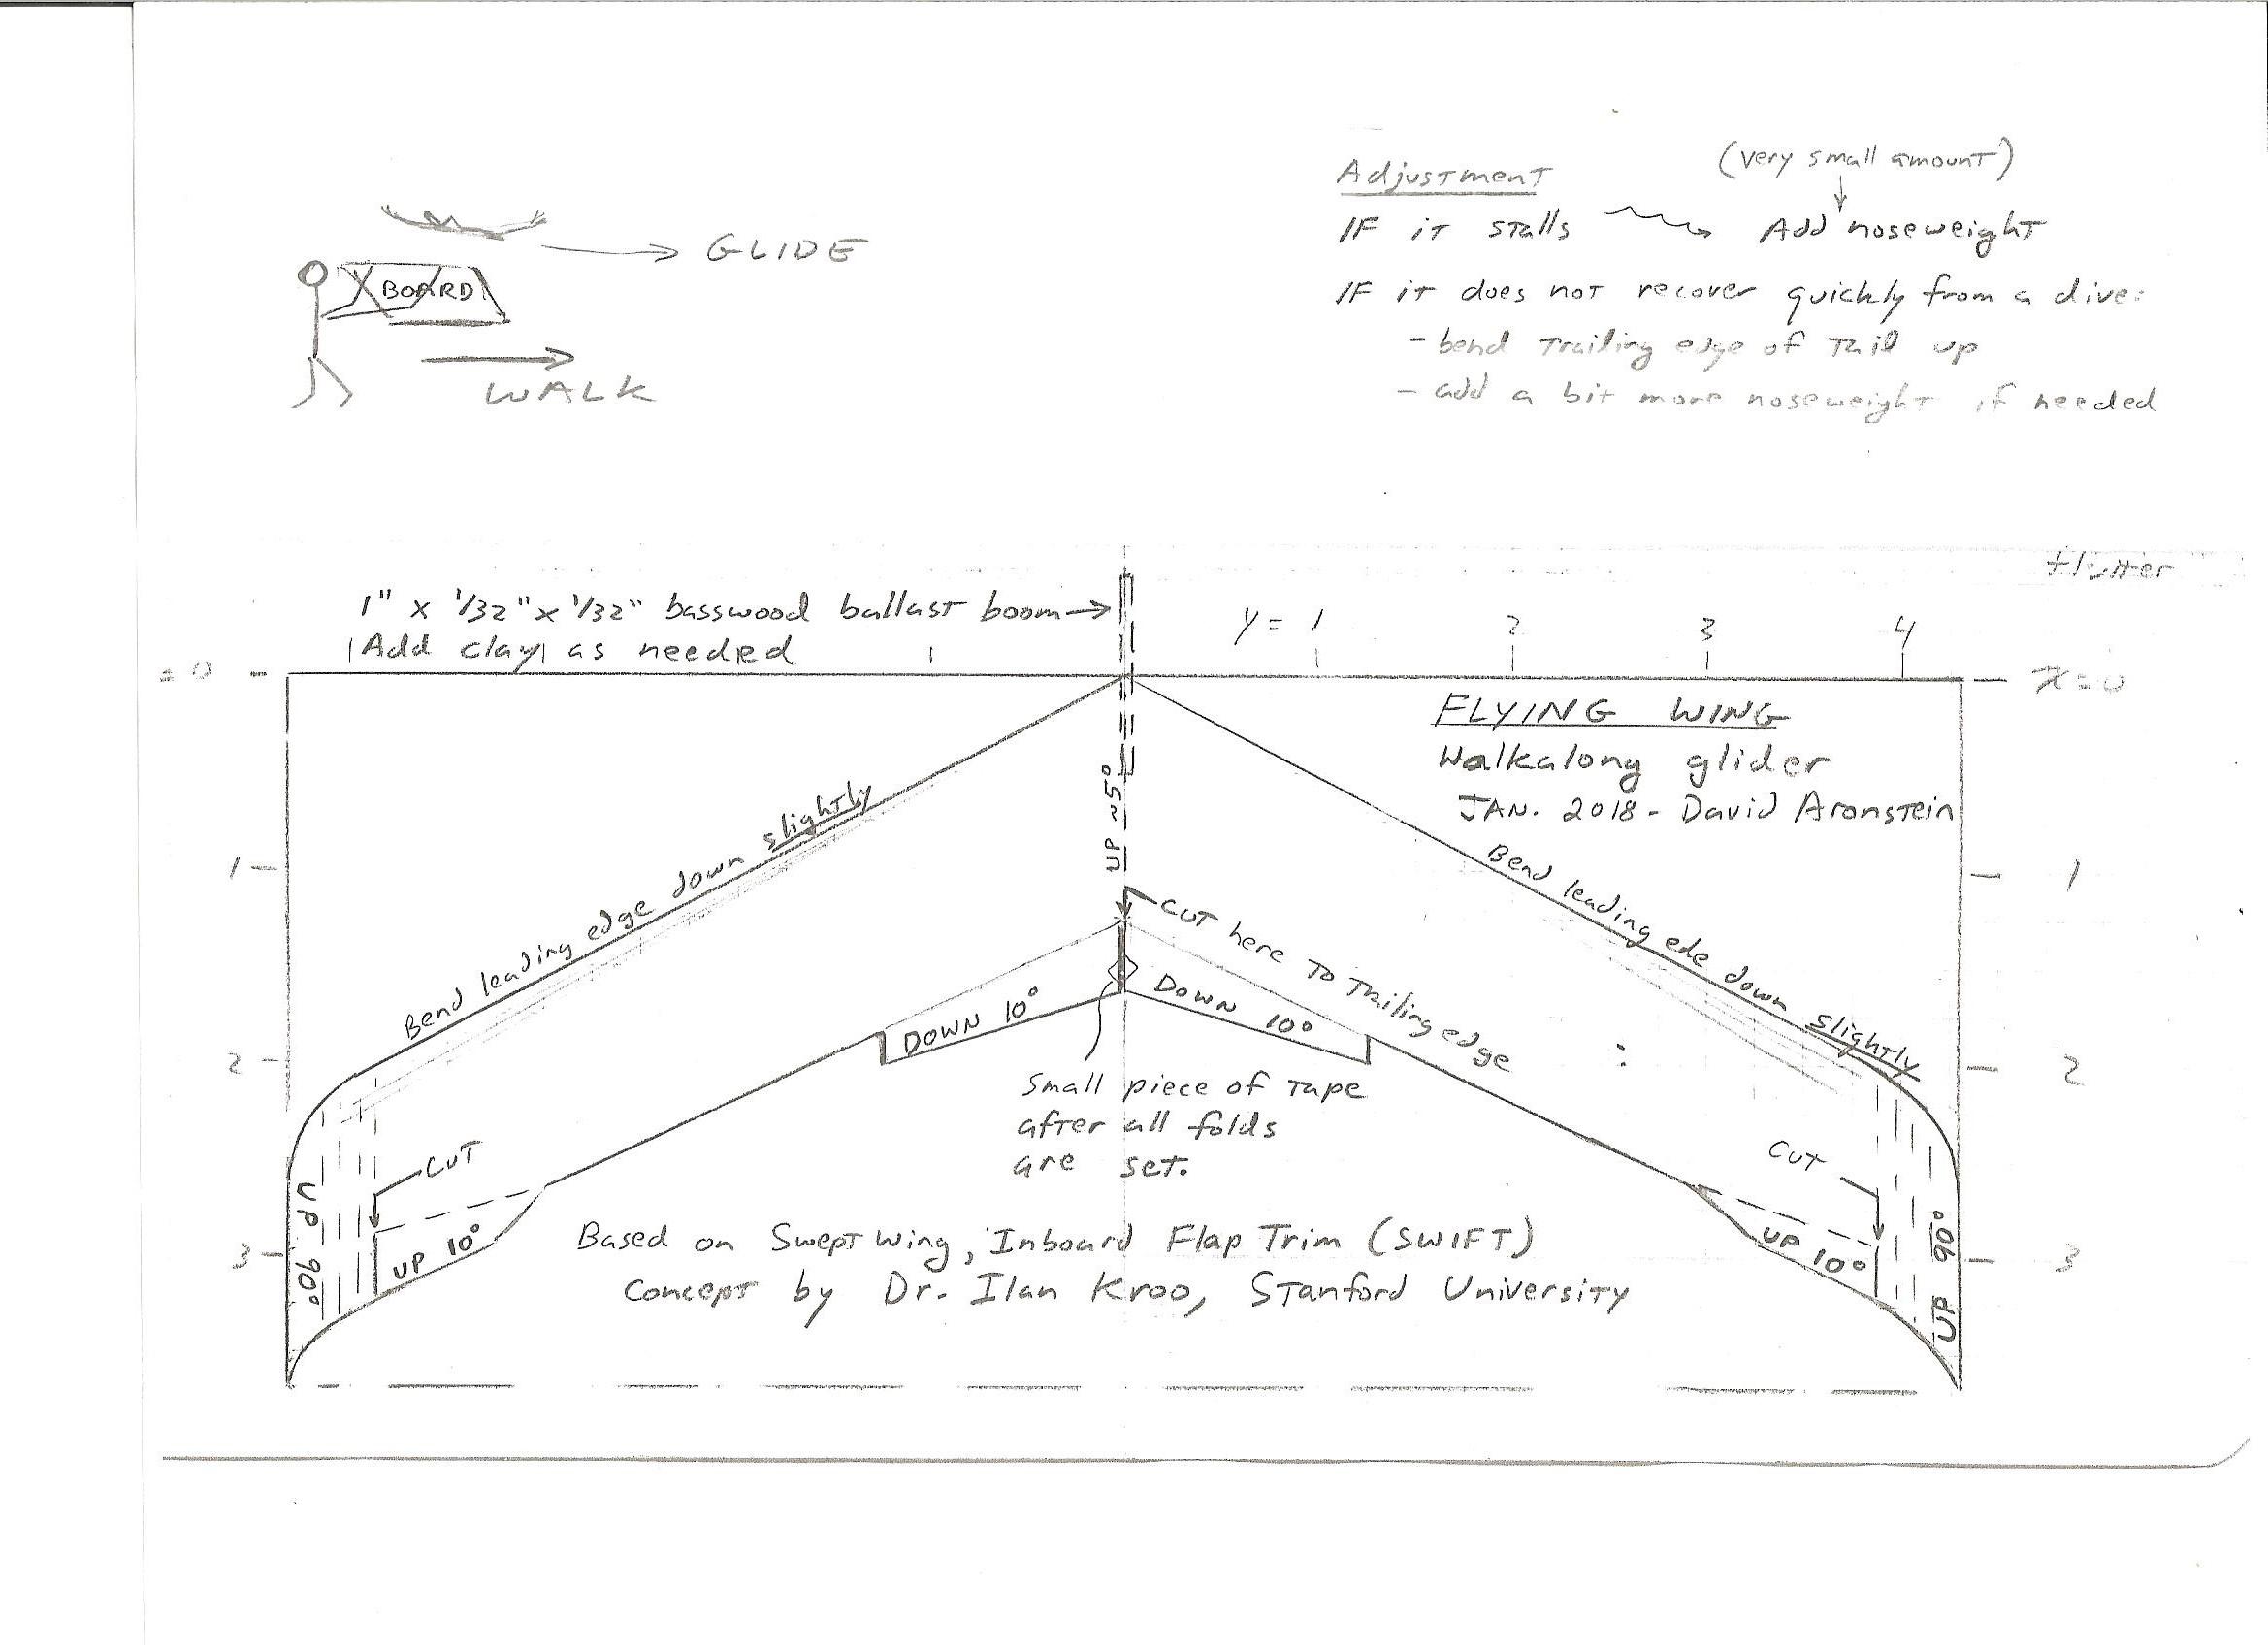 David Aronstein Walkalong Glider Interview - SciencetoyMaker